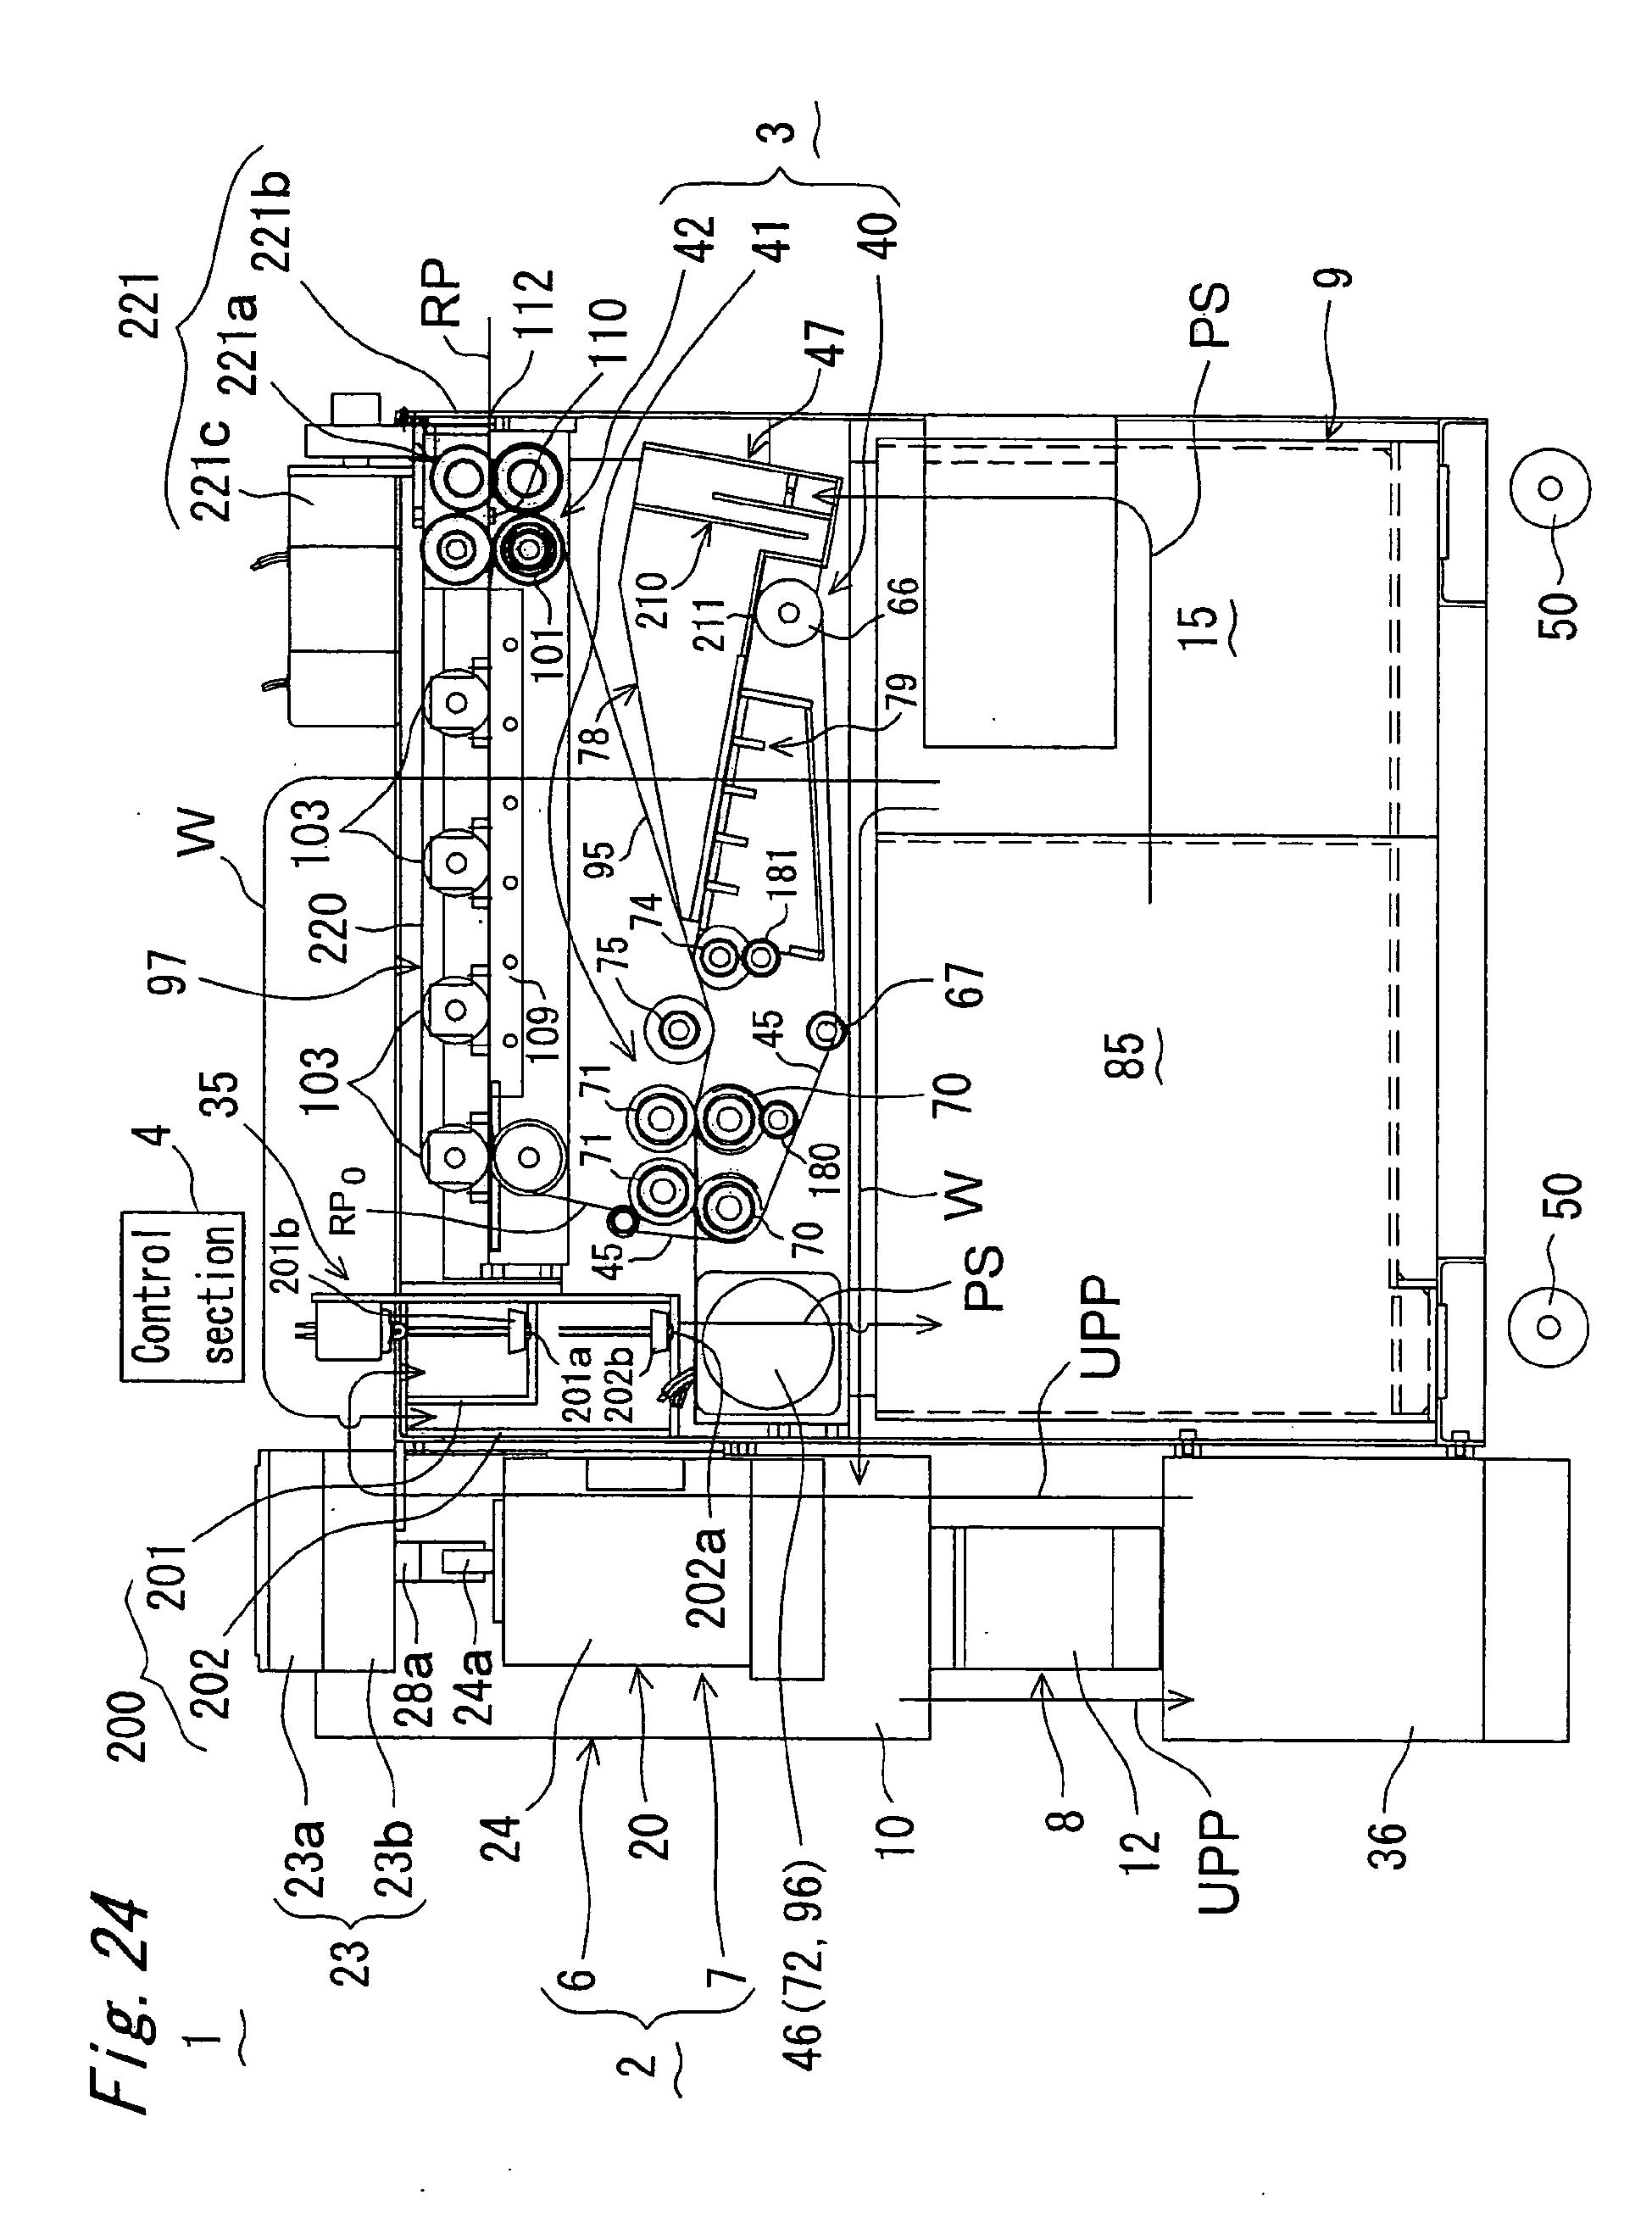 专利ep2290157a2 - used paper recycling apparatus